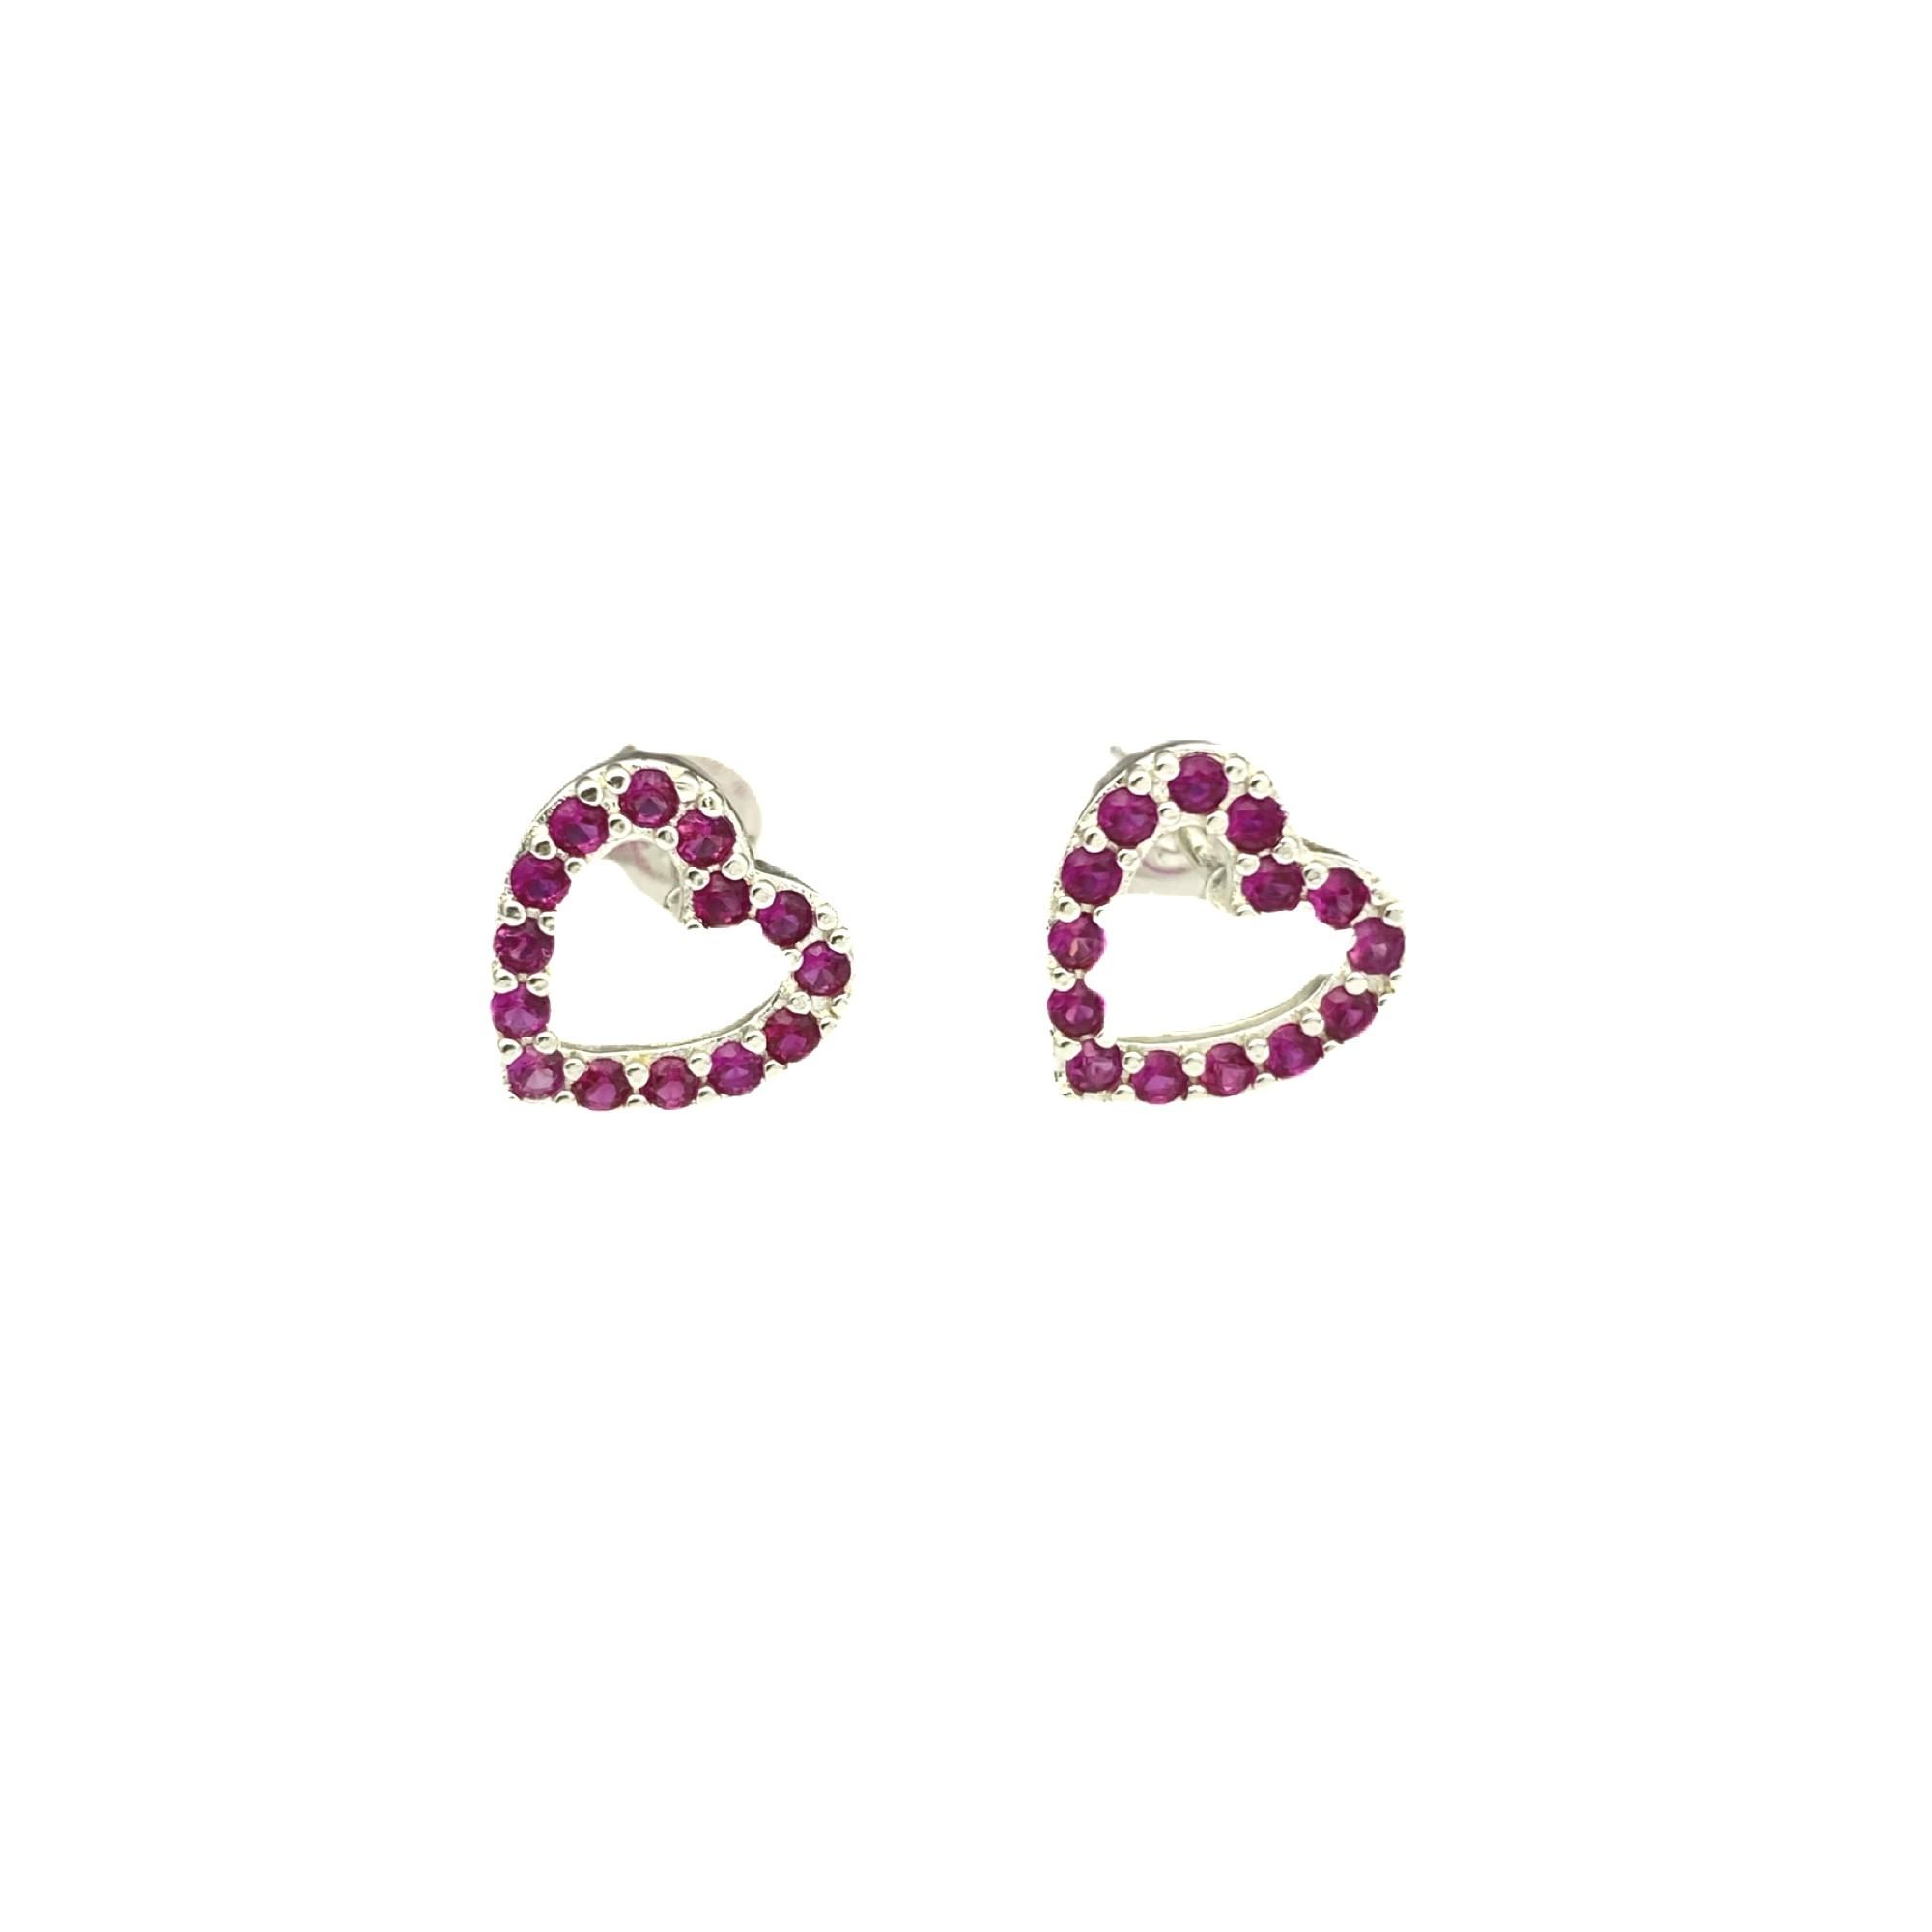 Brinco Coração Vazado em Zircônia Rosa Escuro (Banho Prata 925)